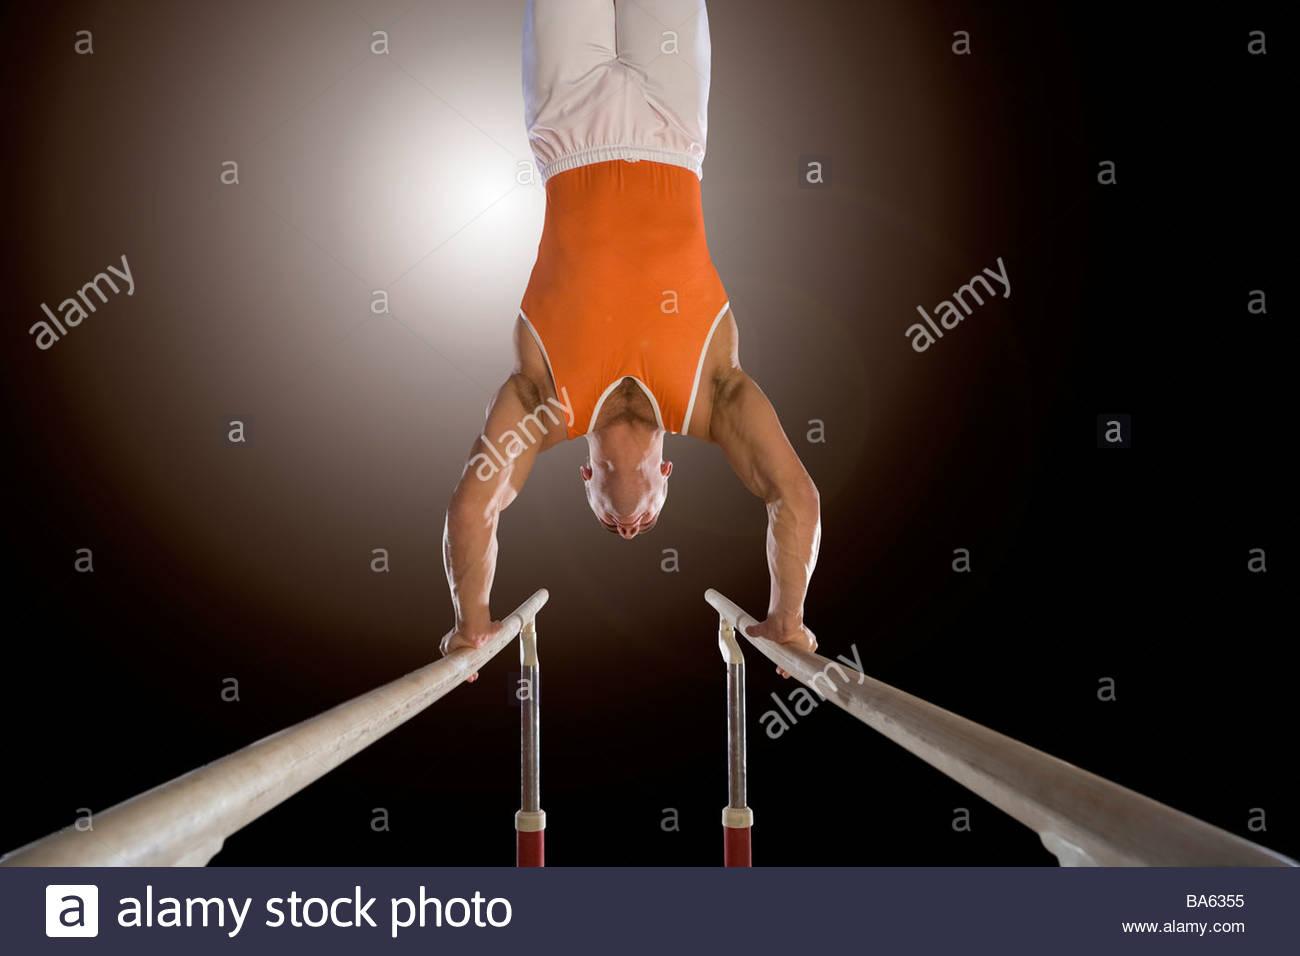 Гимнастка голая брусья